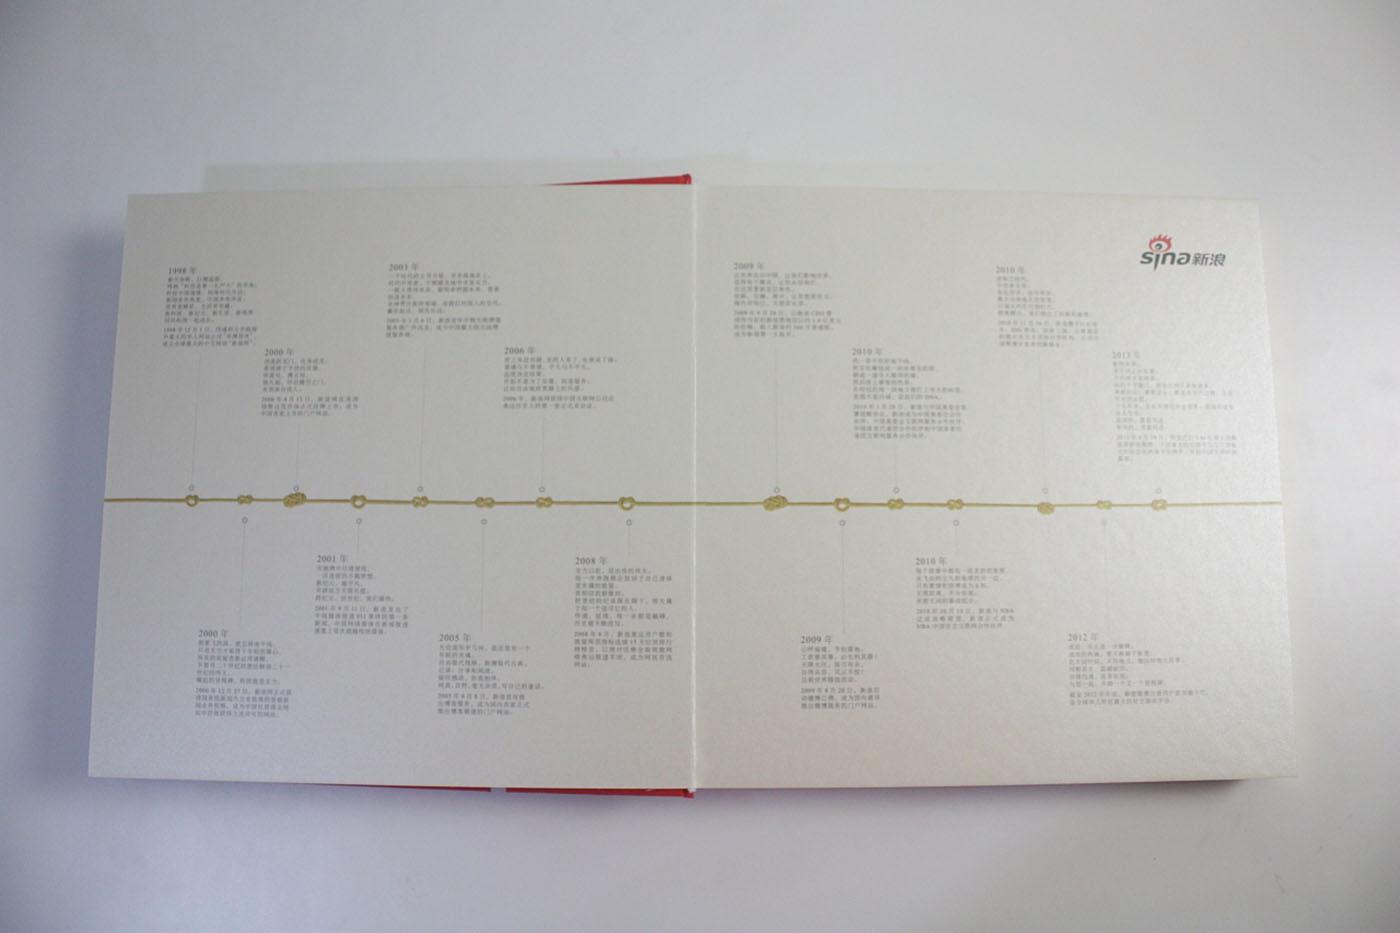 传媒企业周年纪念册-企业周年纪念册定制设计公司